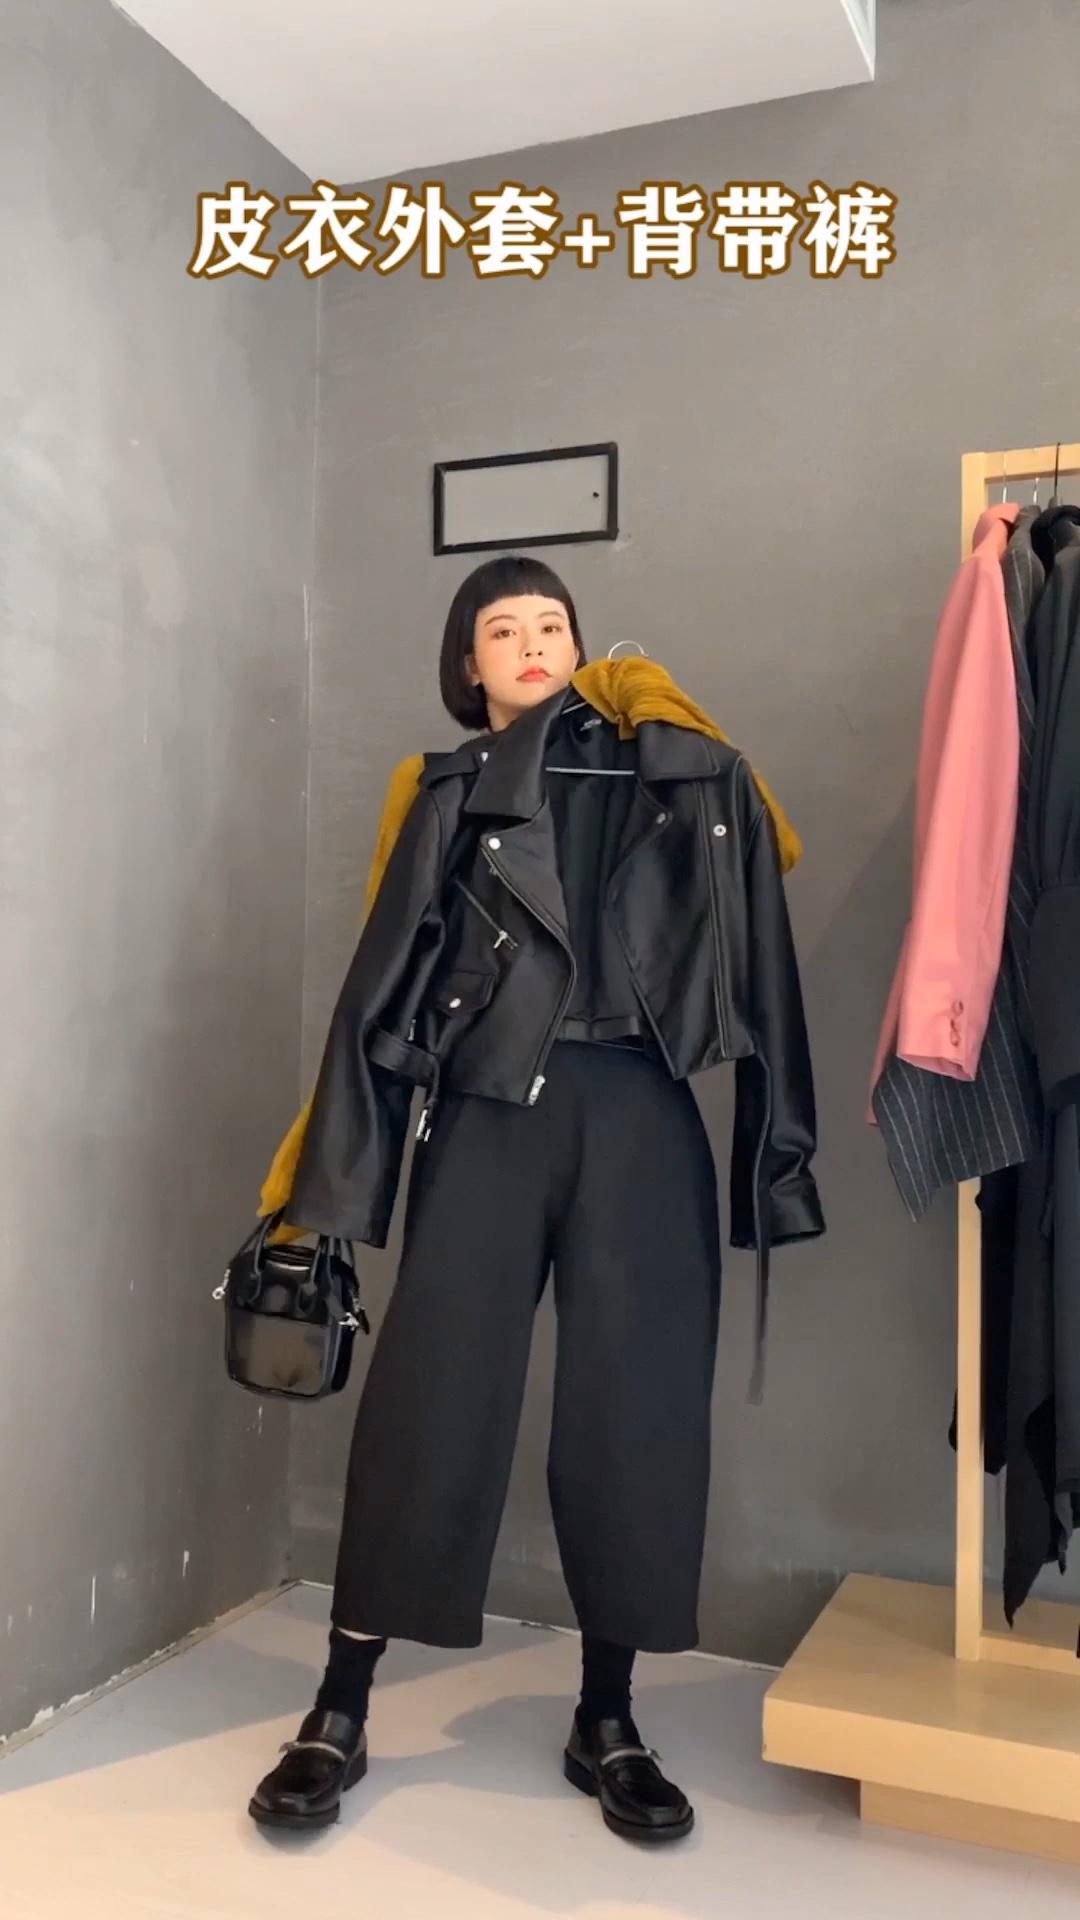 这几件外套 有你看中的款吗?#双十一好看的套装都在这里!#